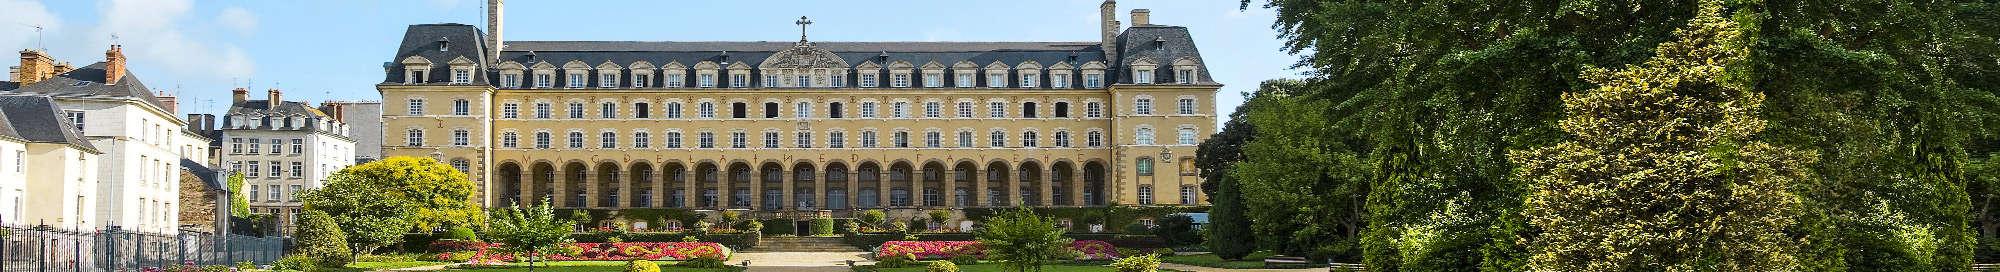 Week-end et séjour à Rennes